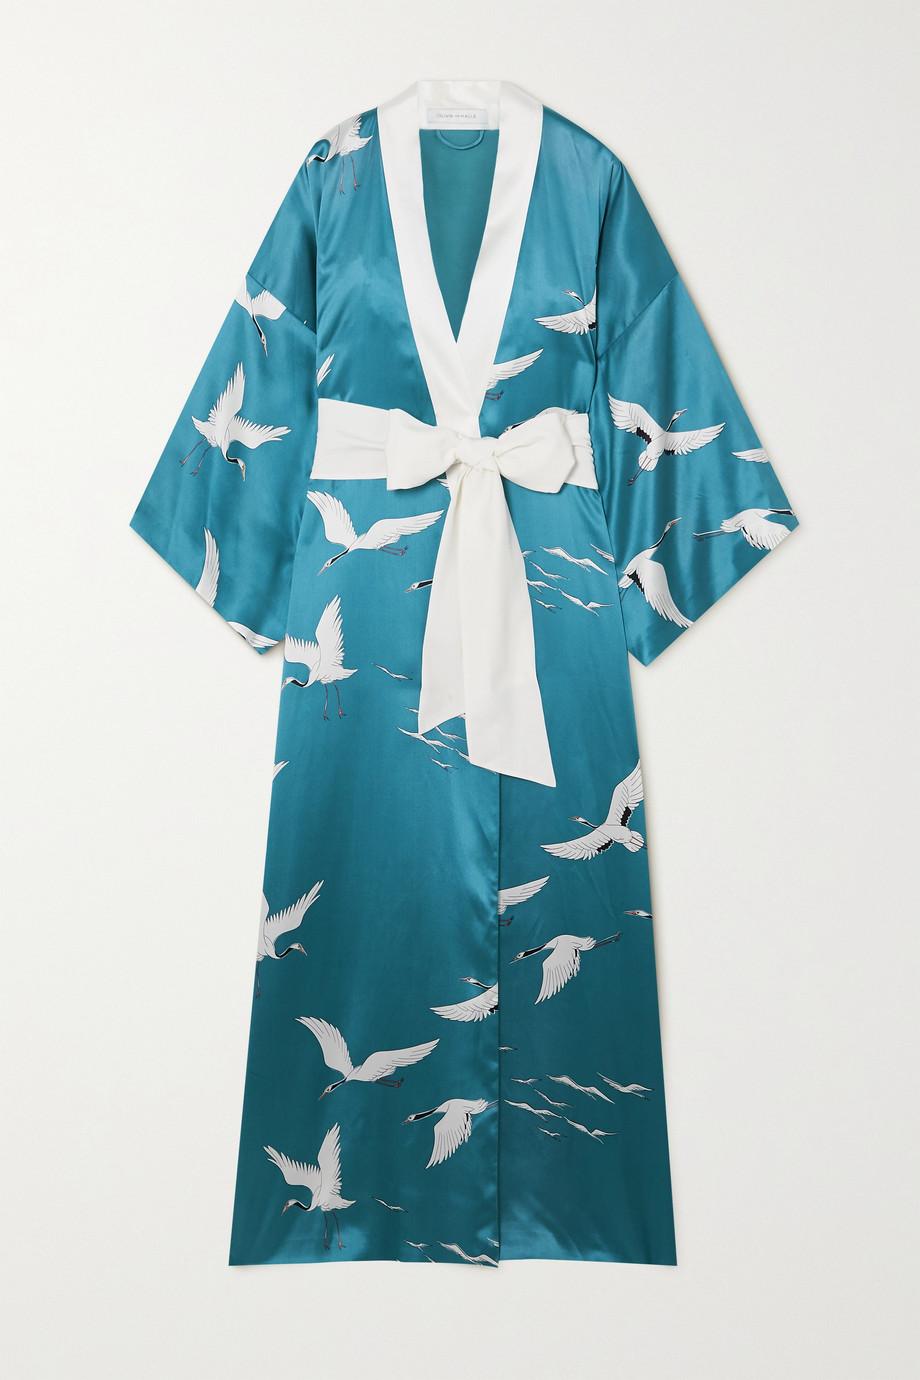 Olivia von Halle Queenie printed silk-satin robe